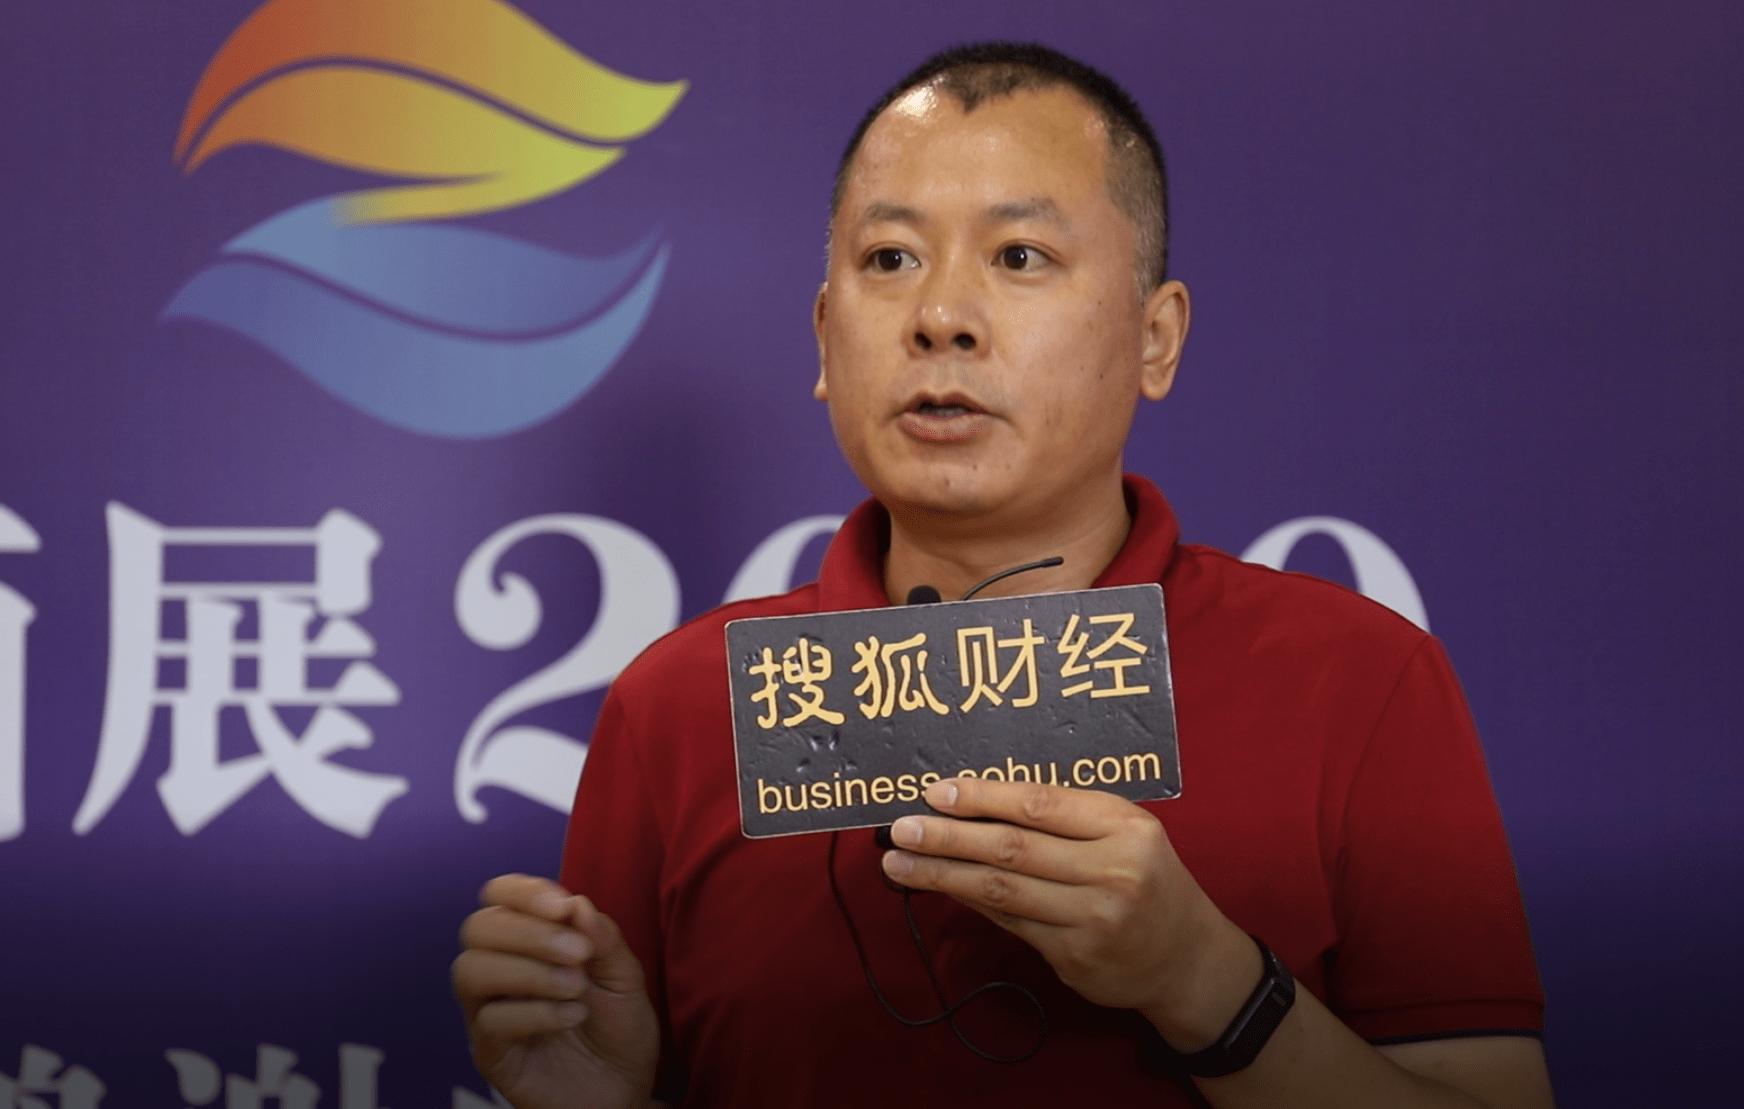 专访 | 小糊涂仙酒张志勇:预计2023年完成30亿规模,实现主板上市